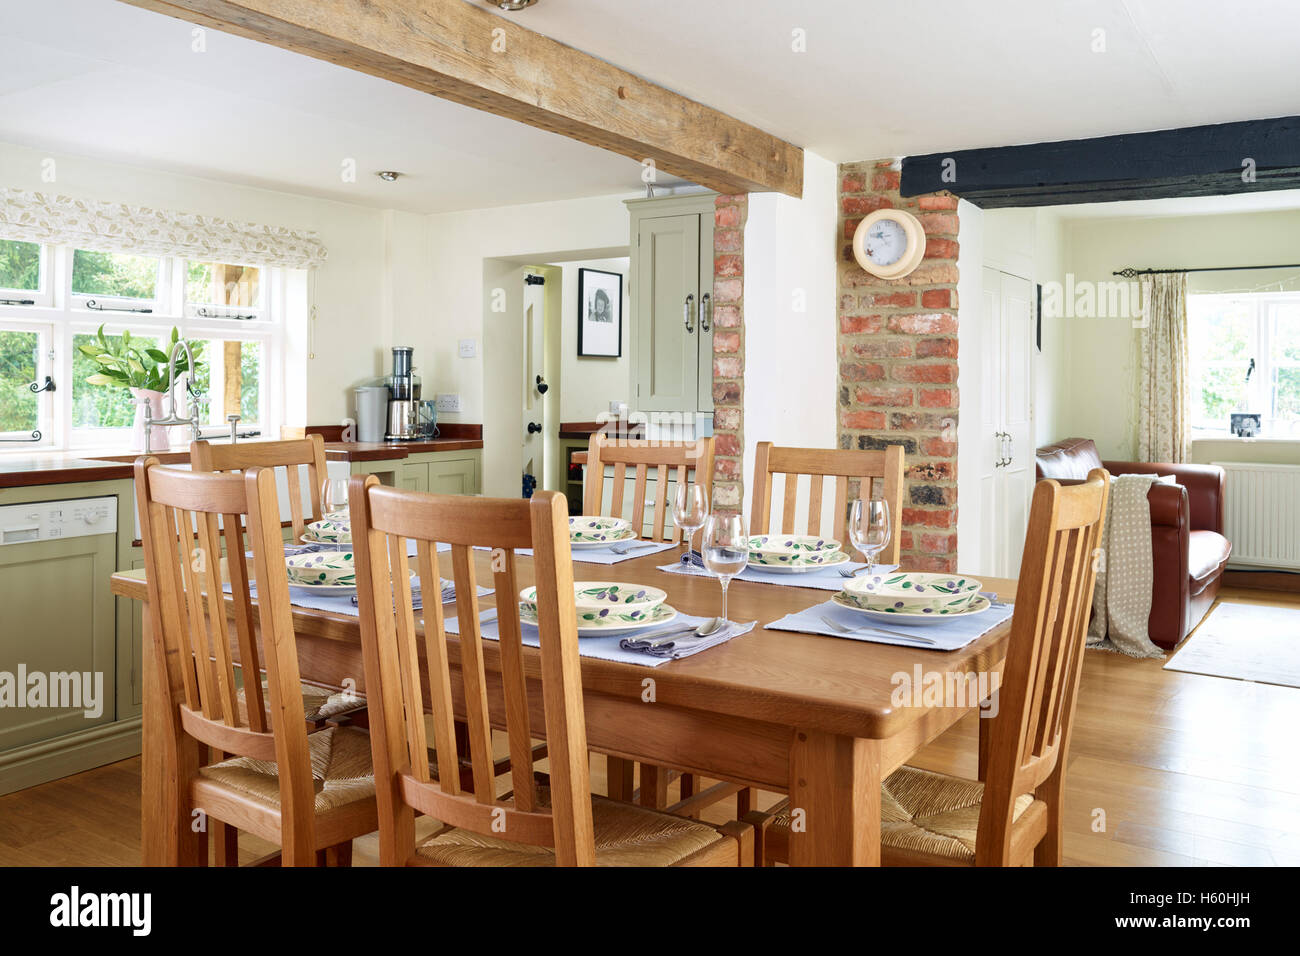 Eine Landhausküche gekleidet Essbereich mit Tisch für das Abendessen Stockbild